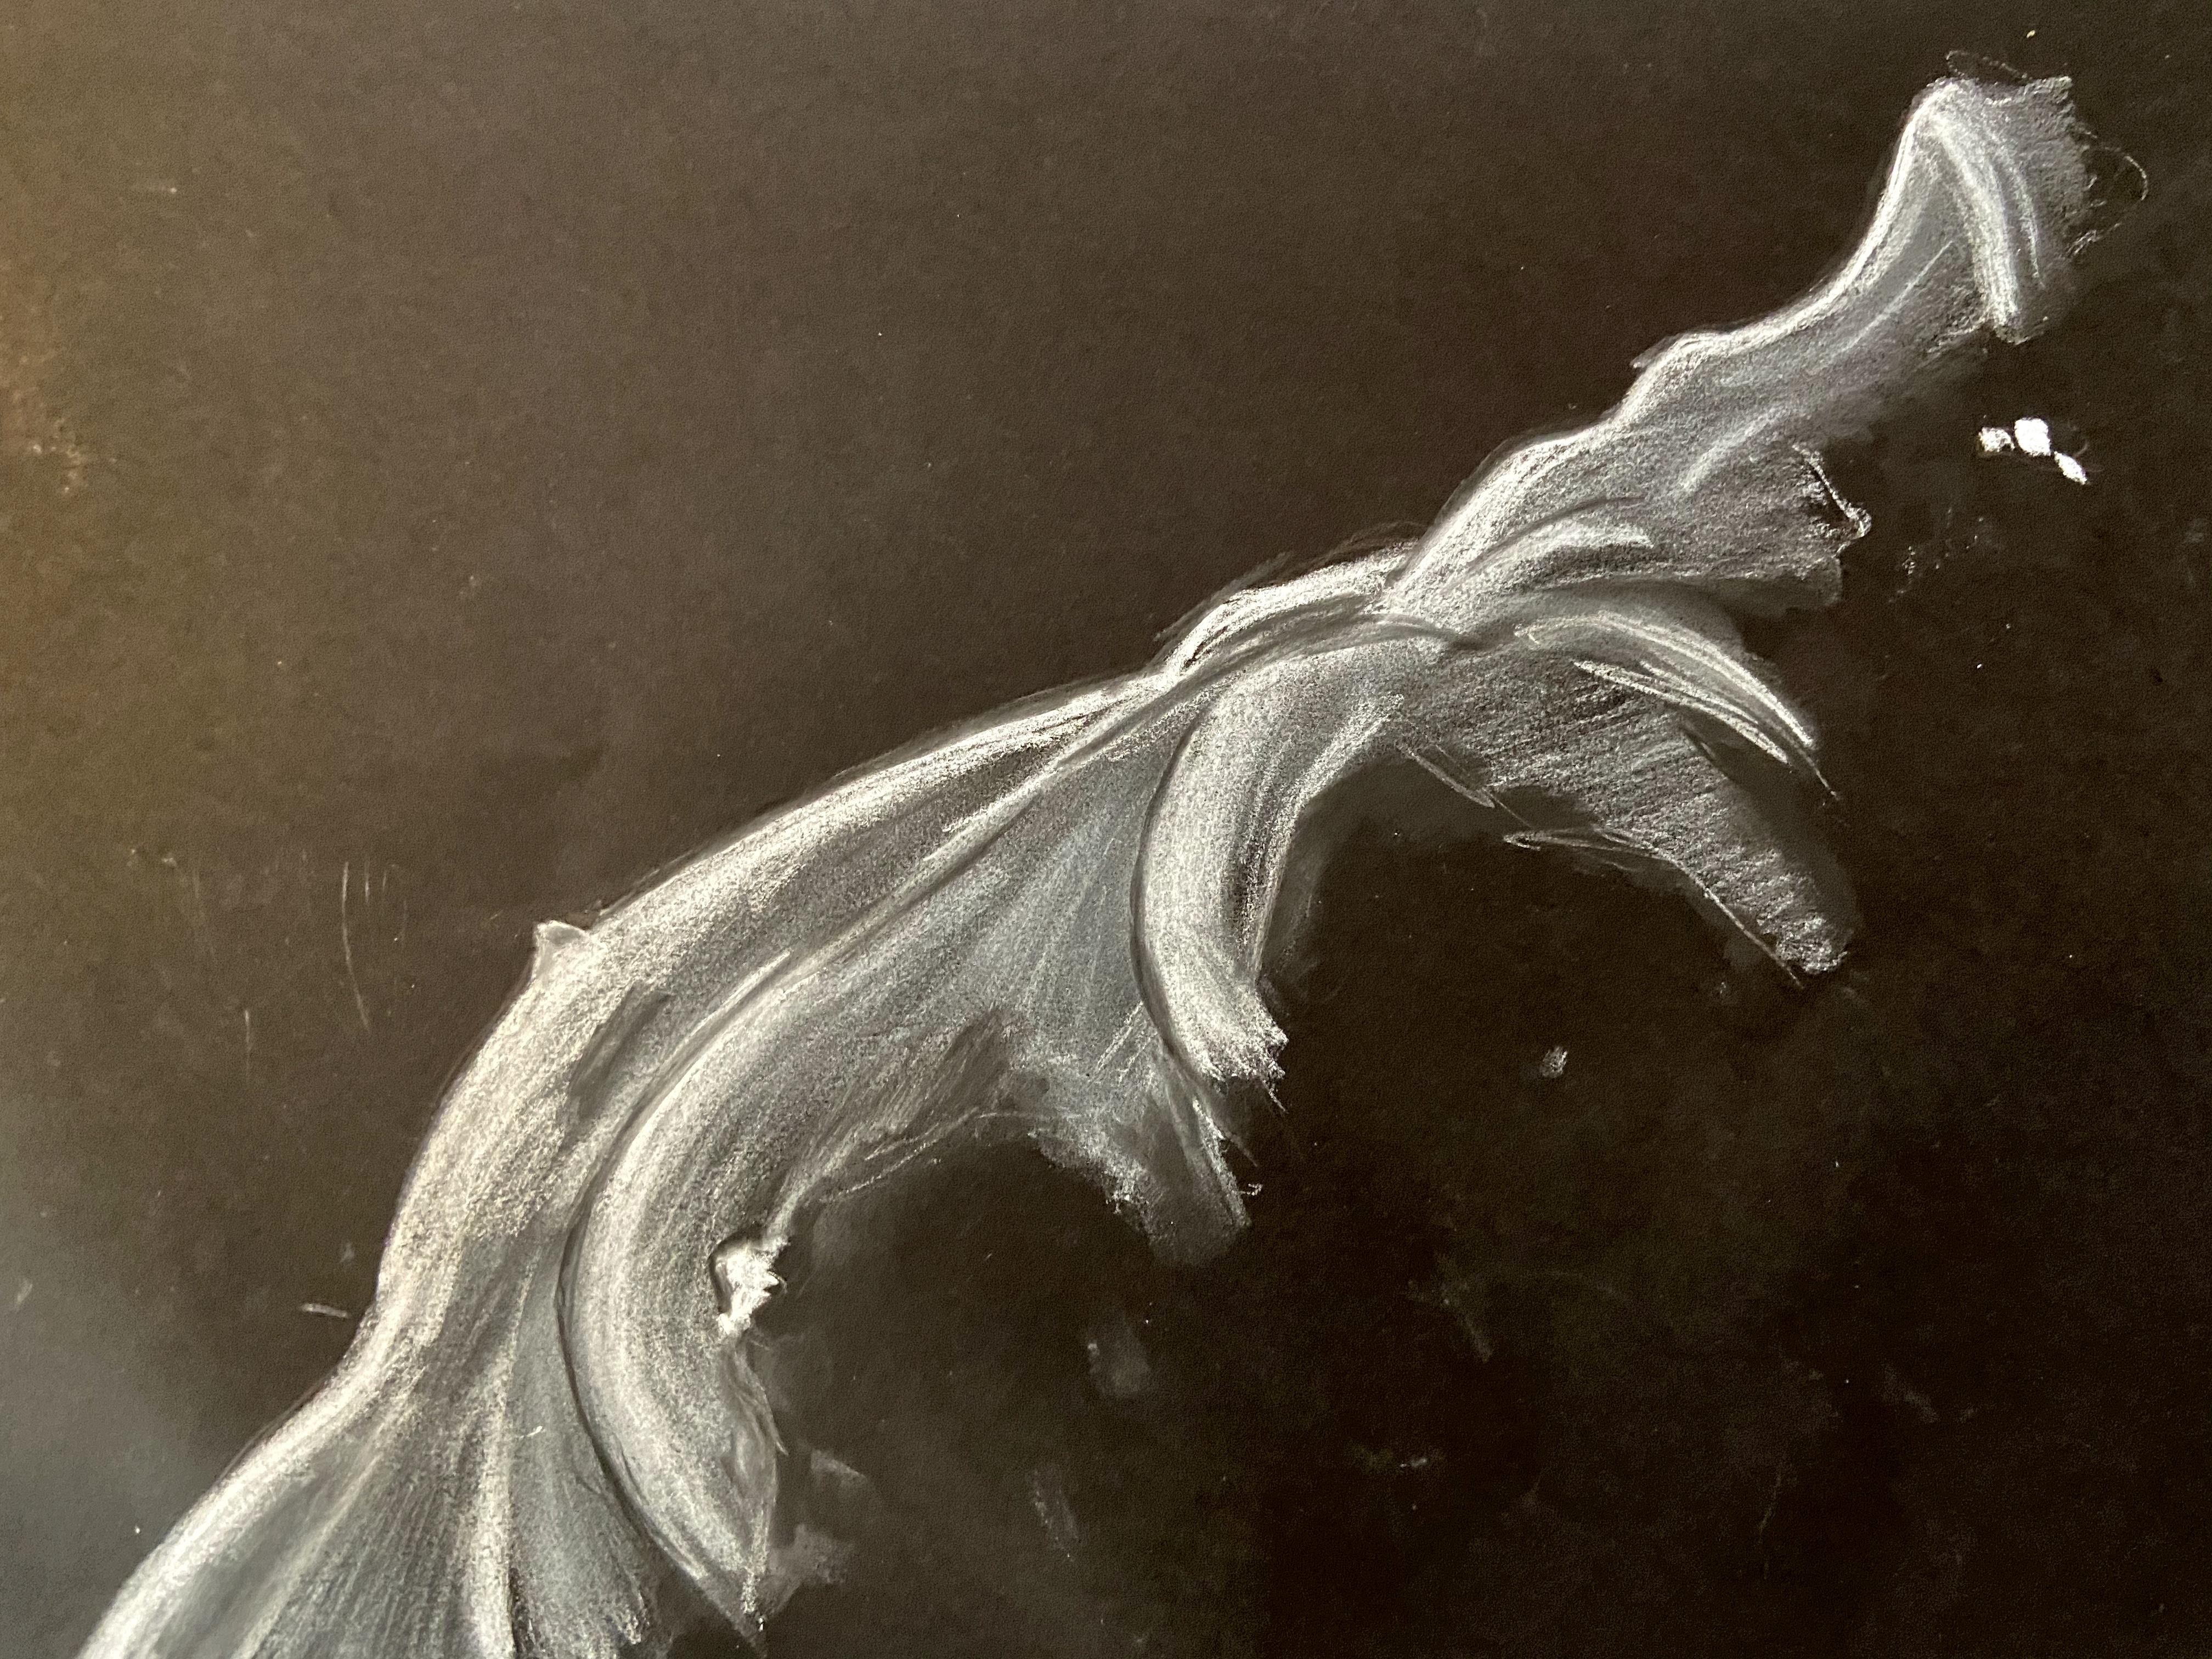 buste craie blanche sur papier noir dessin  cours de dessin